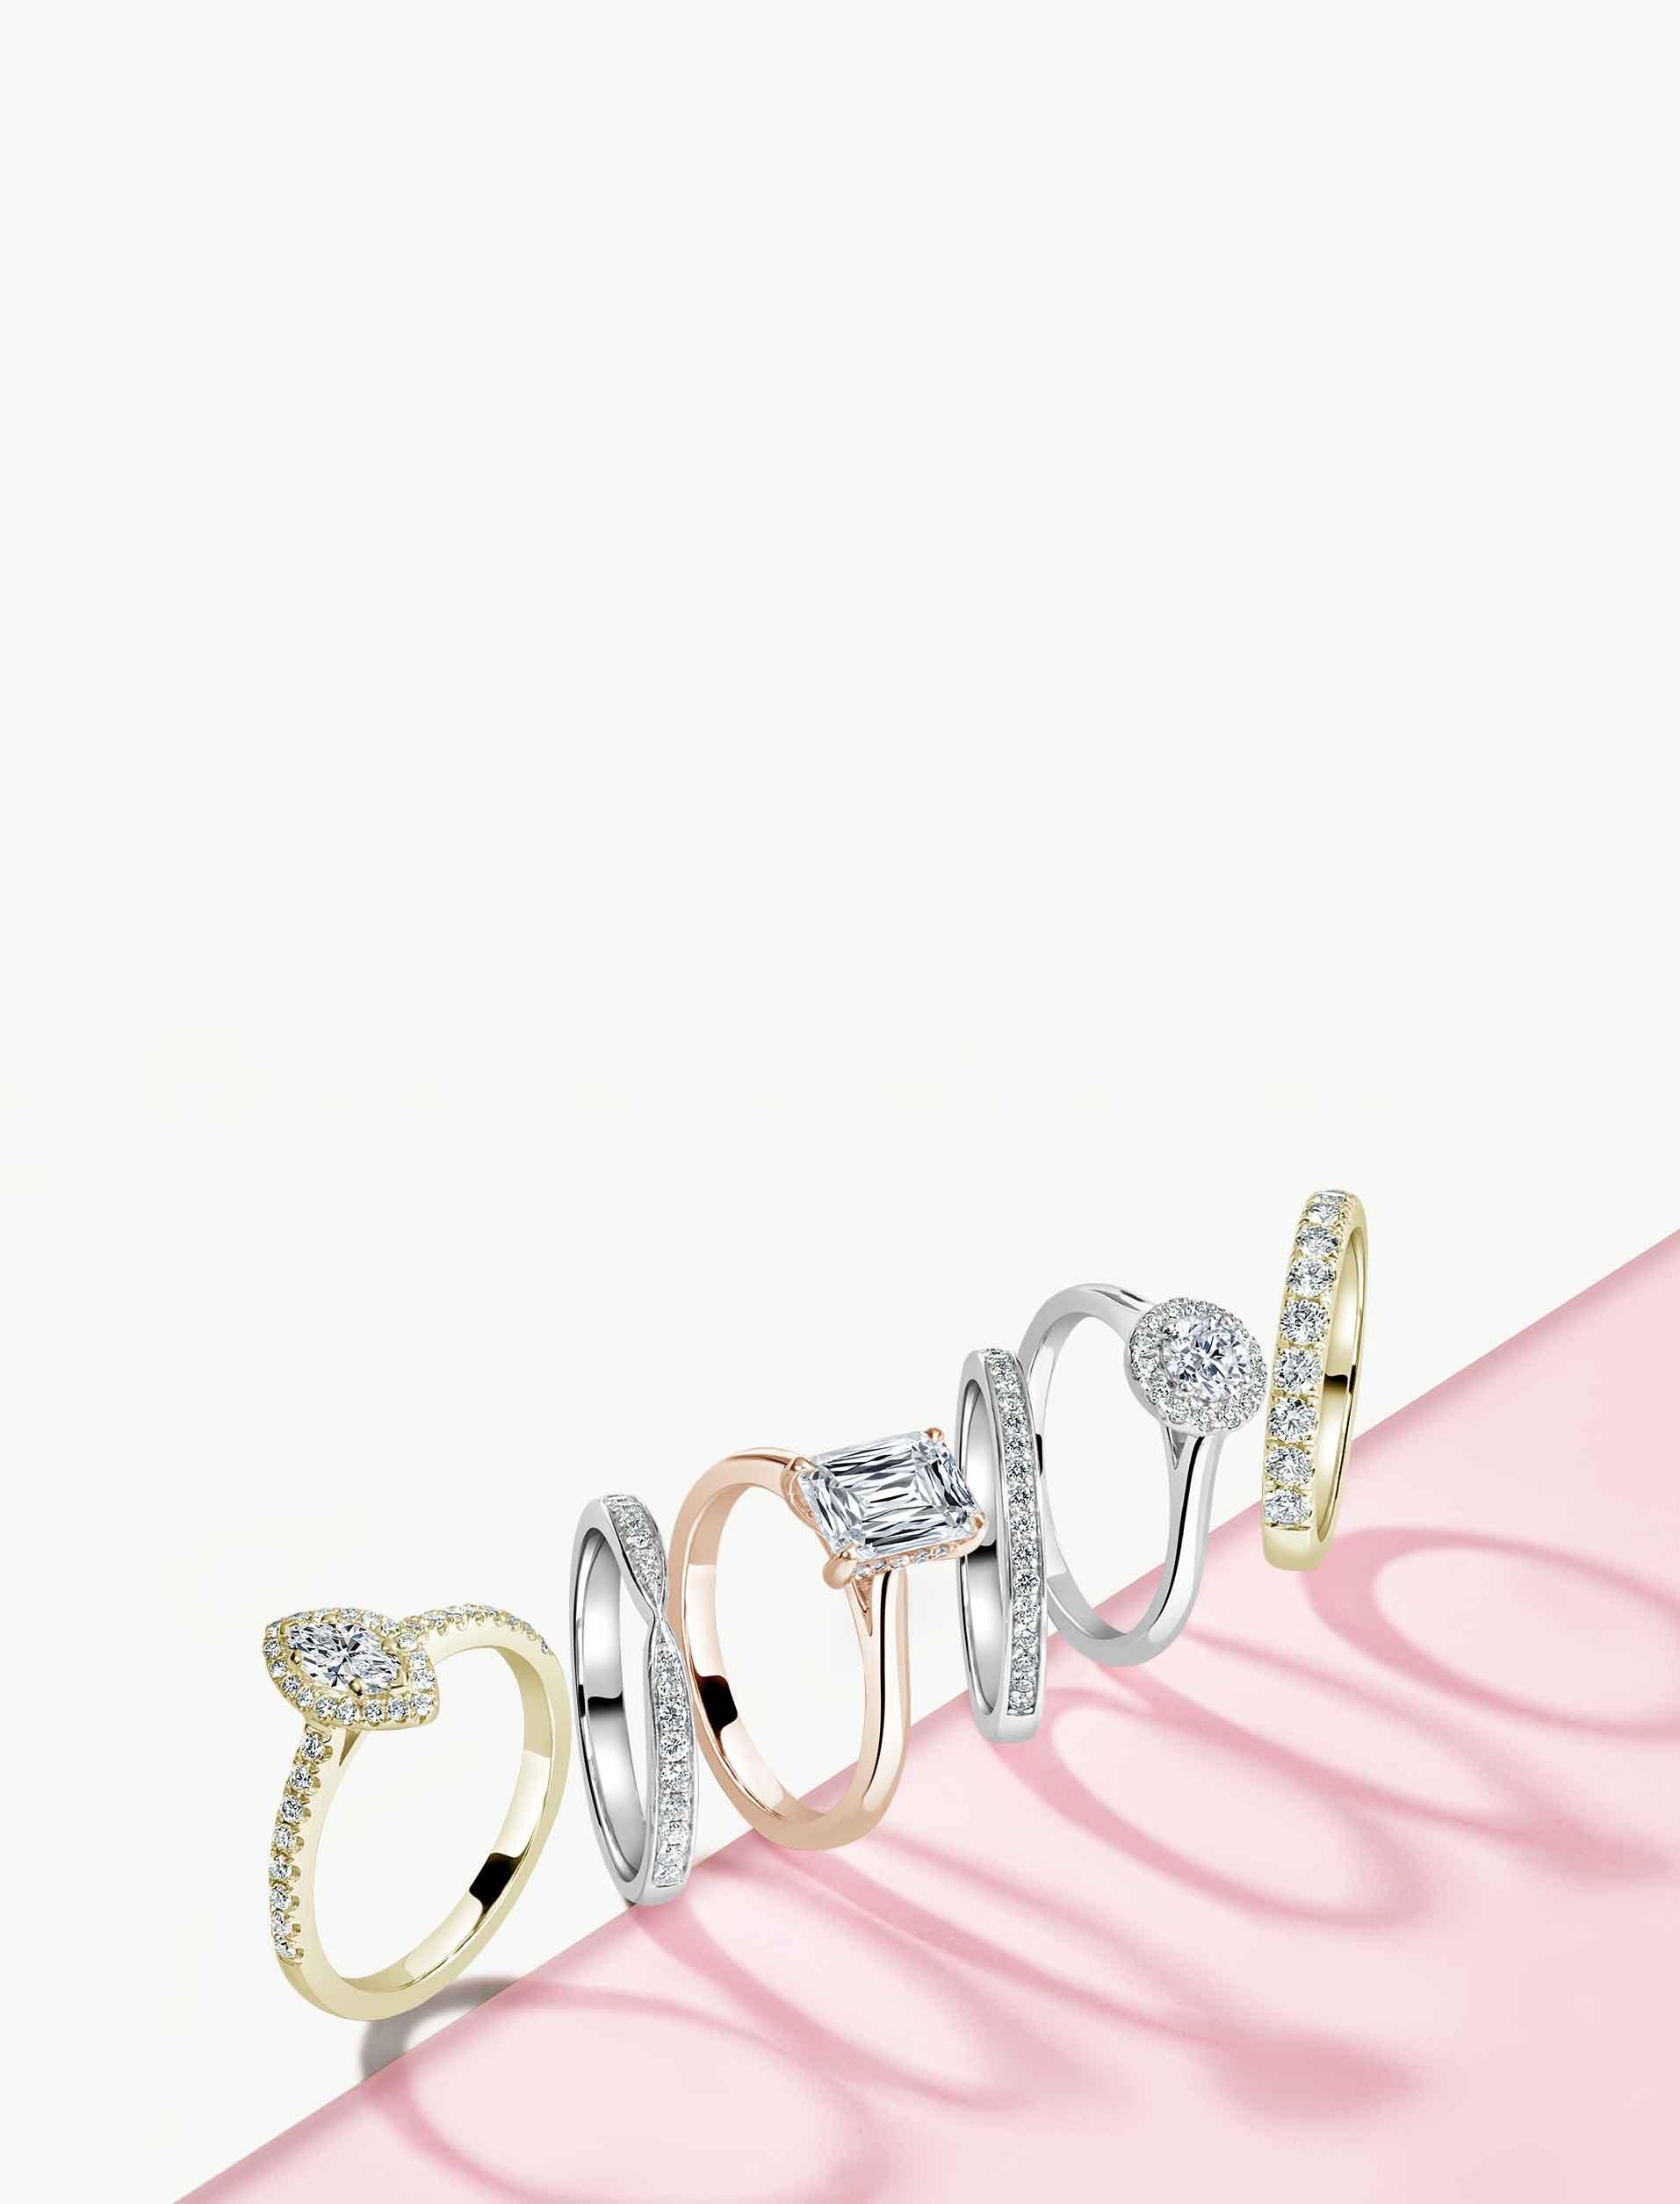 Engagement Rings - Steven Stone